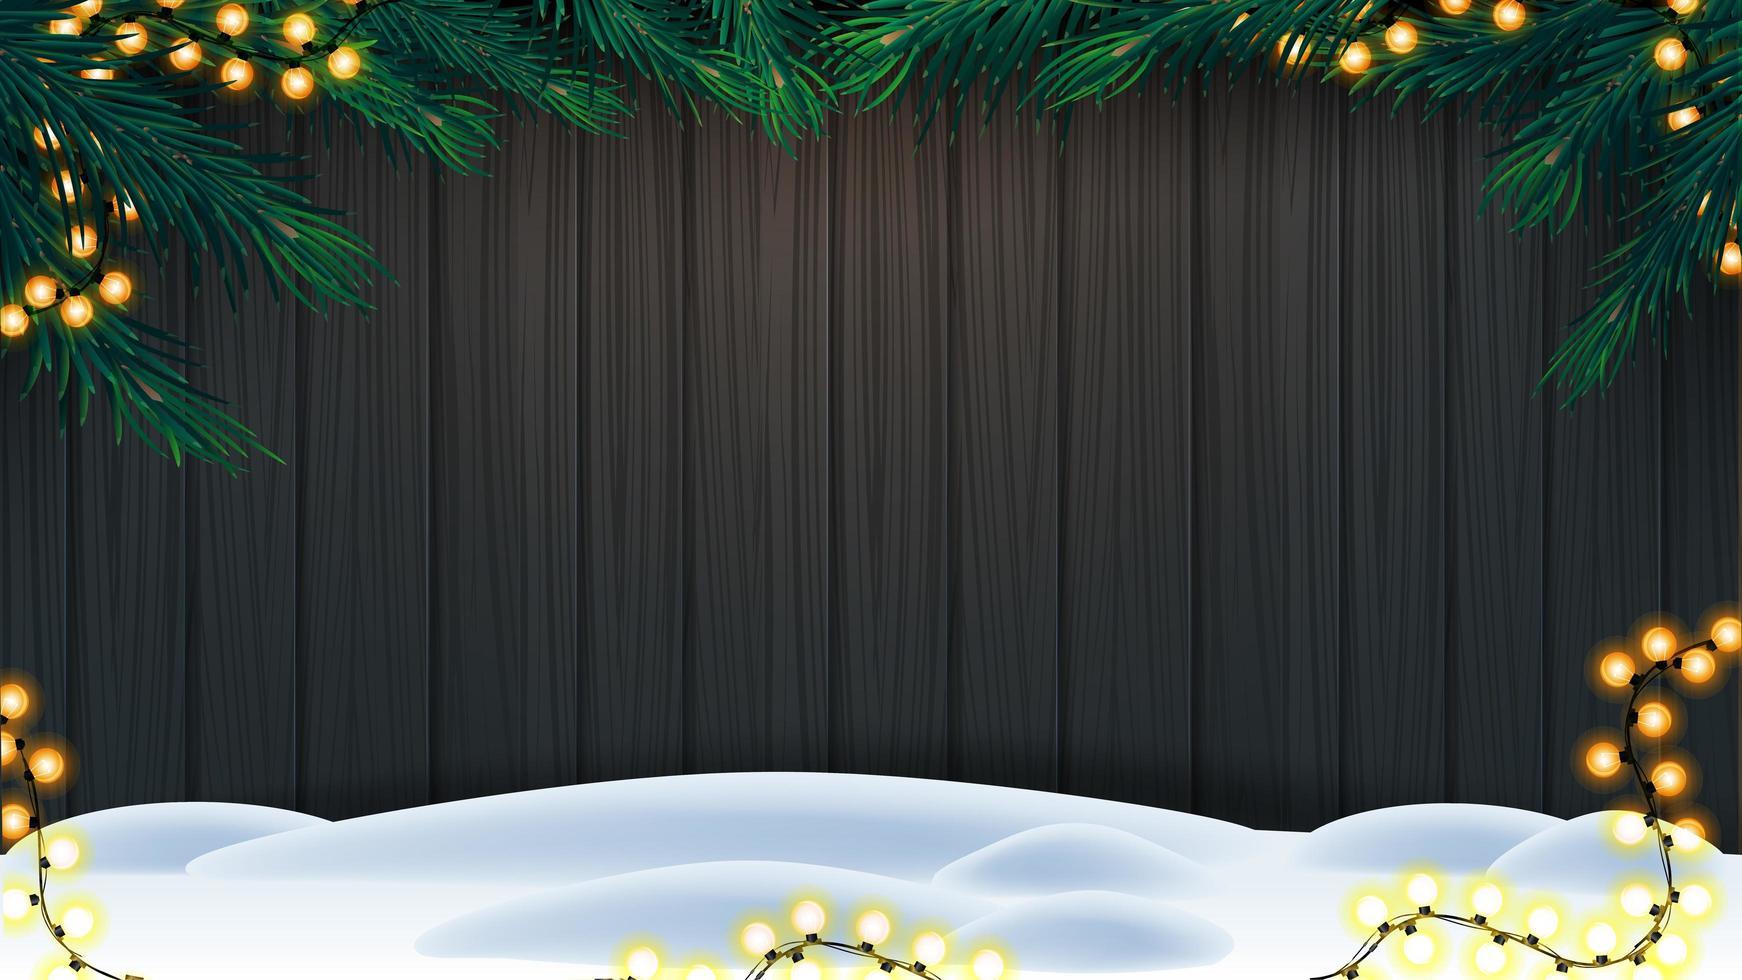 Weihnachtshintergrund, Holzzaun der Bretter mit Rahmen der Weihnachtsbaumzweige, Girlande der gelben Glühbirnenlichter und Schnee auf Boden vektor